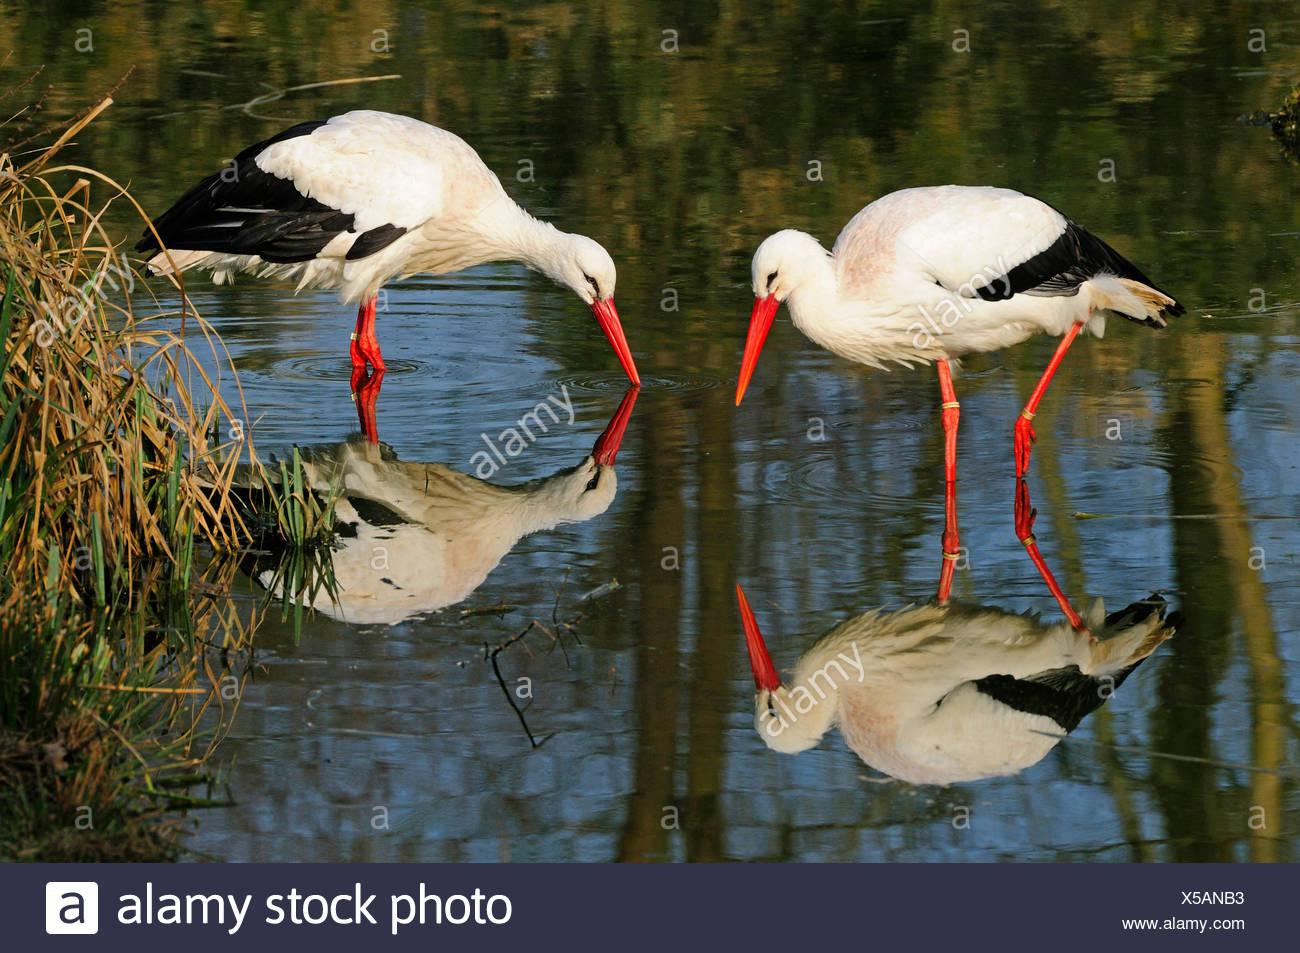 Weißstorch (Ciconia Ciconia), zwei Vögel auf der Suche nach Nahrung im flachen Wasser, Deutschland Stockbild